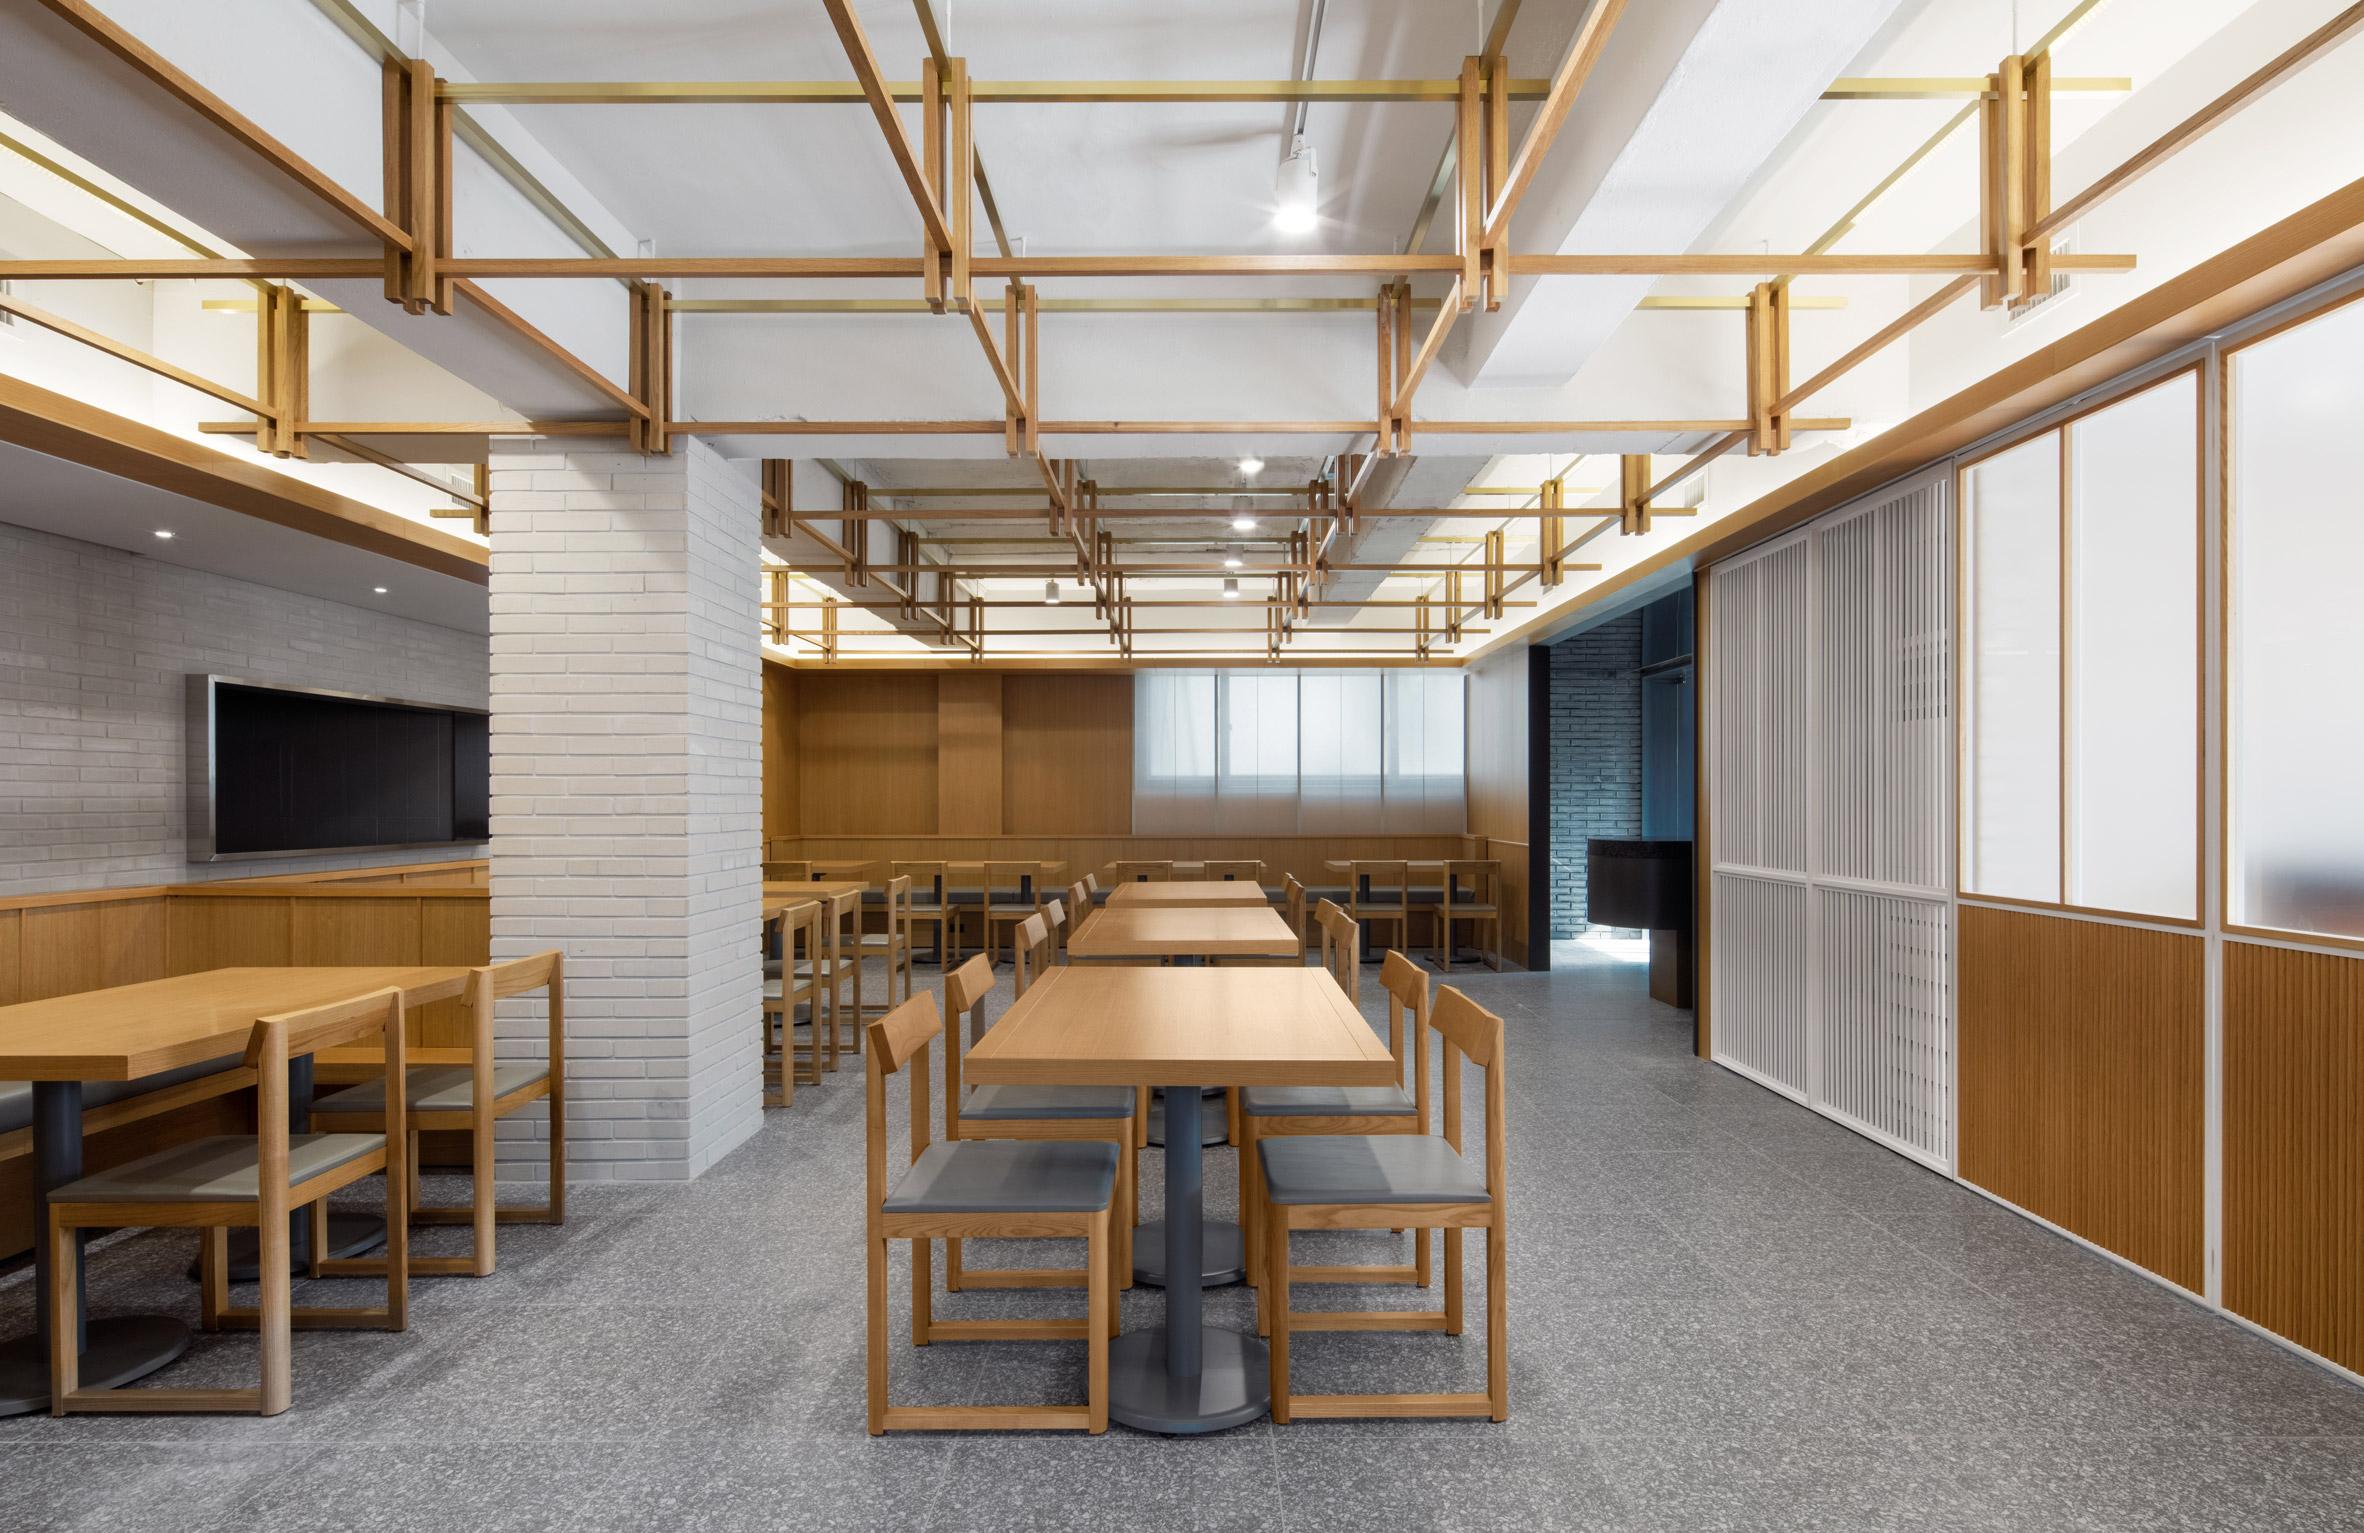 Thiết kế nội thất nhà hàng hàn quốc 6